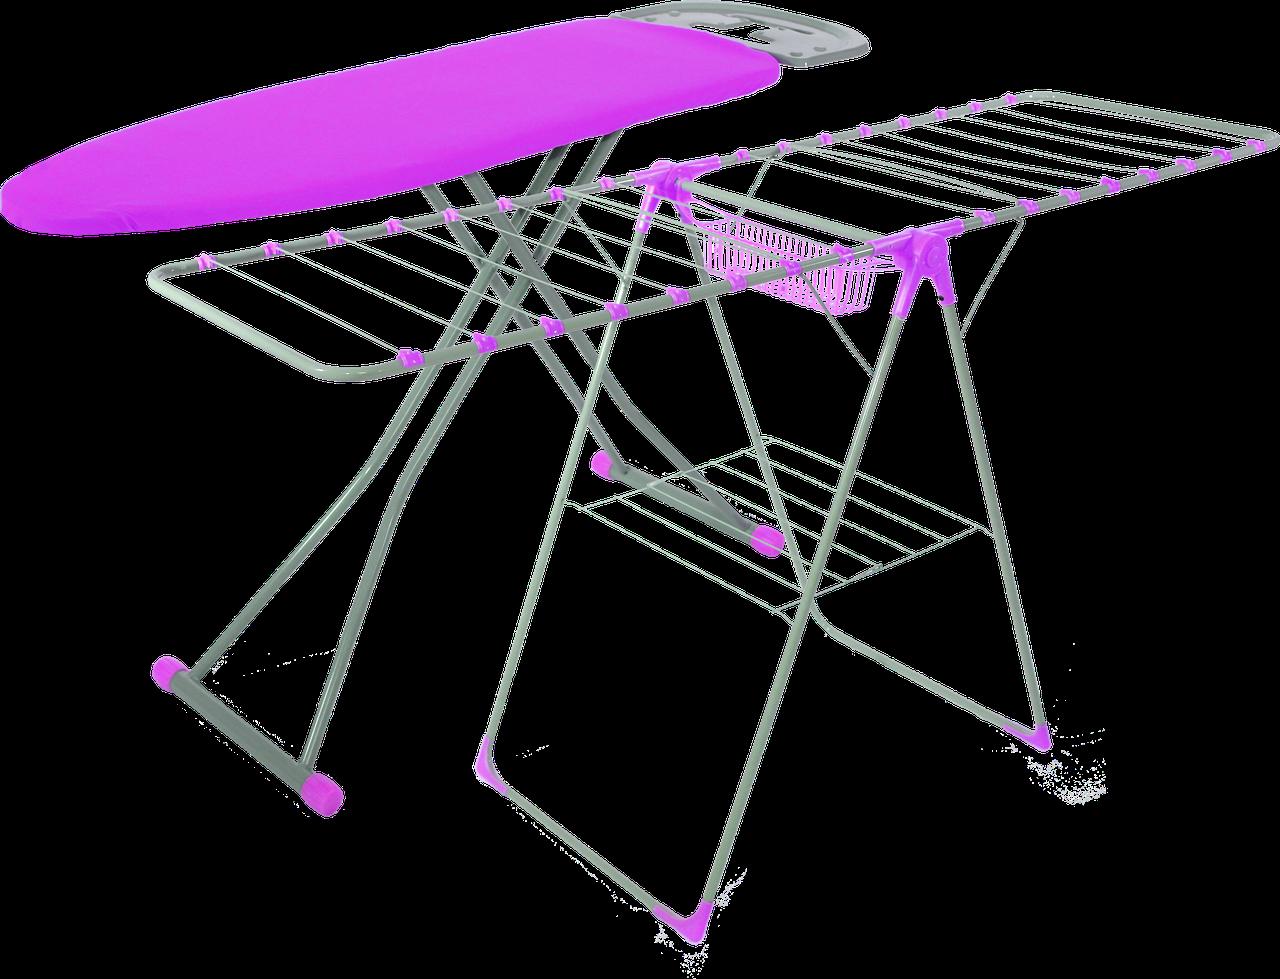 Гладильная доска Magna SET-1638 Sarpo пурпурный (сушилка для белья в комплекте)